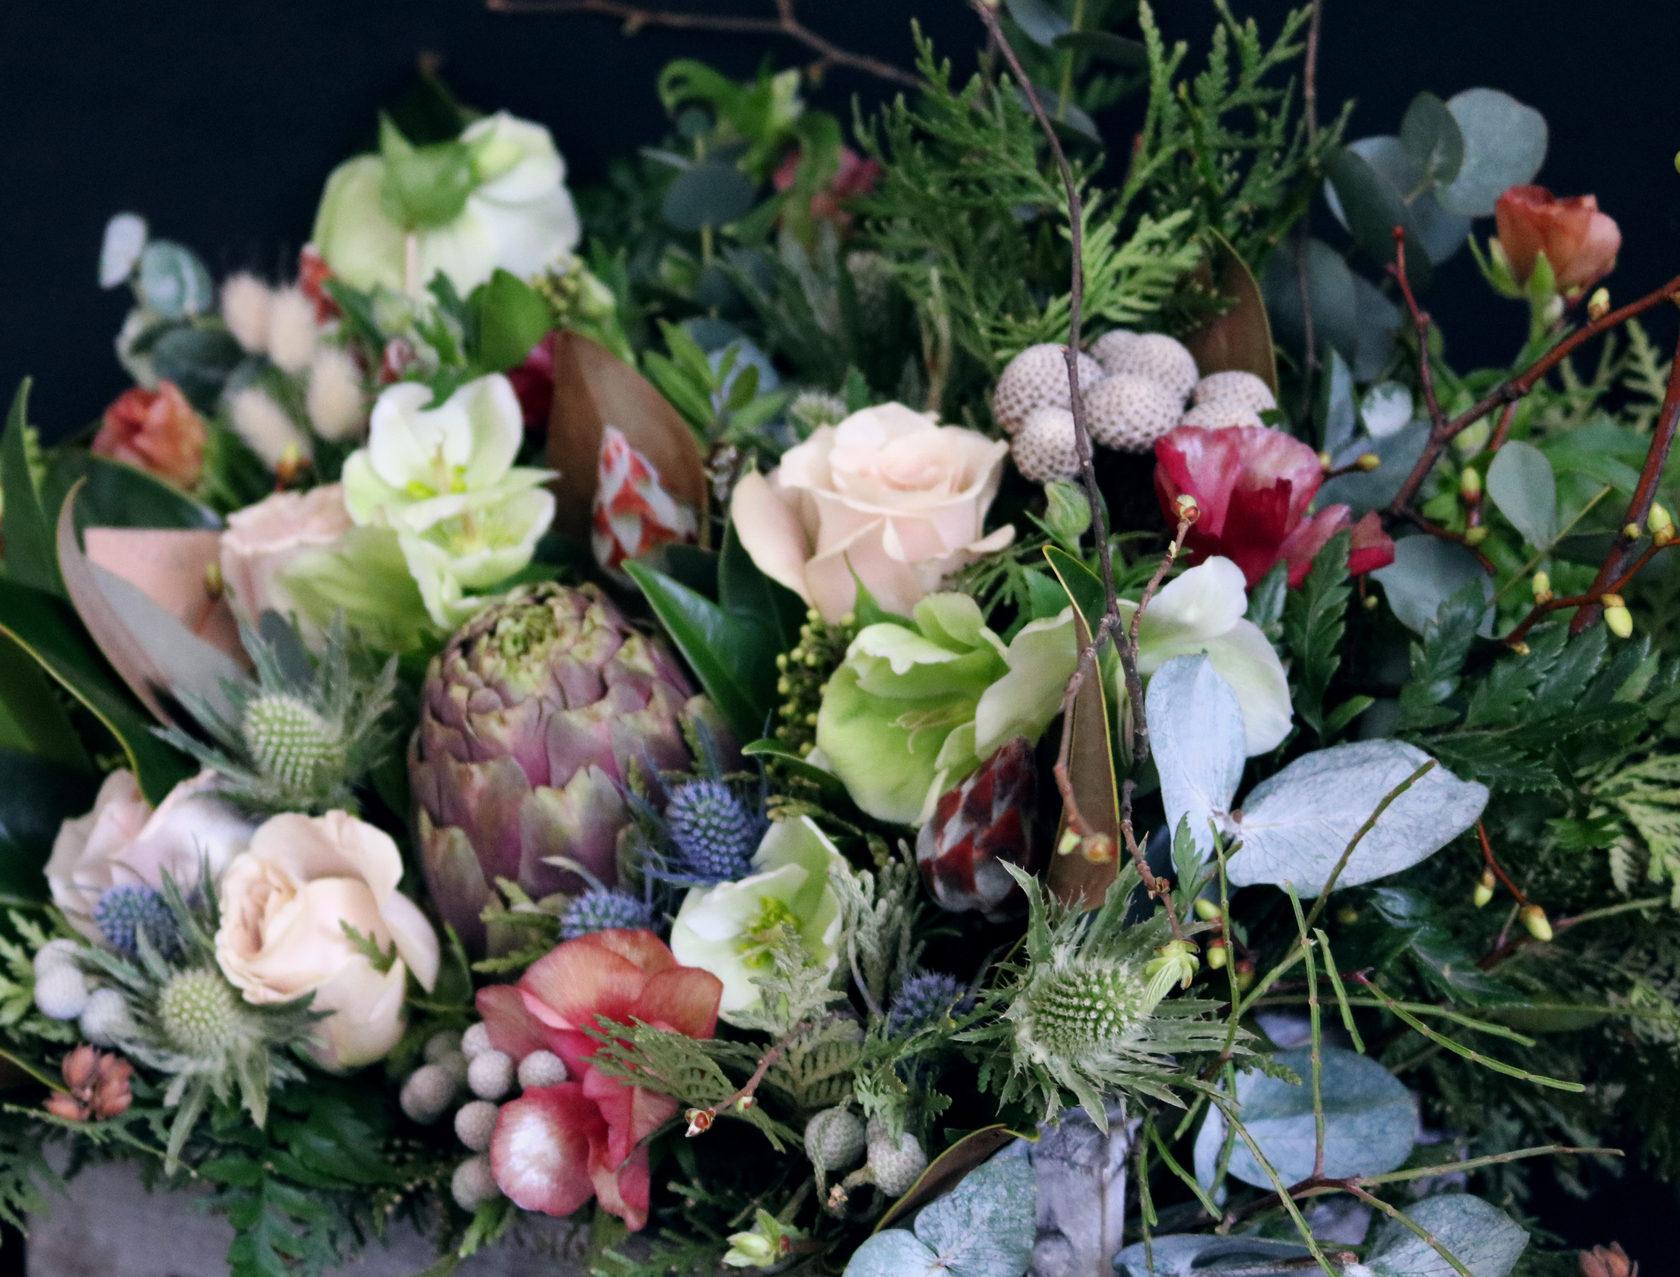 Картинки красивые цветы для мужчины, японском стиле квиллинг